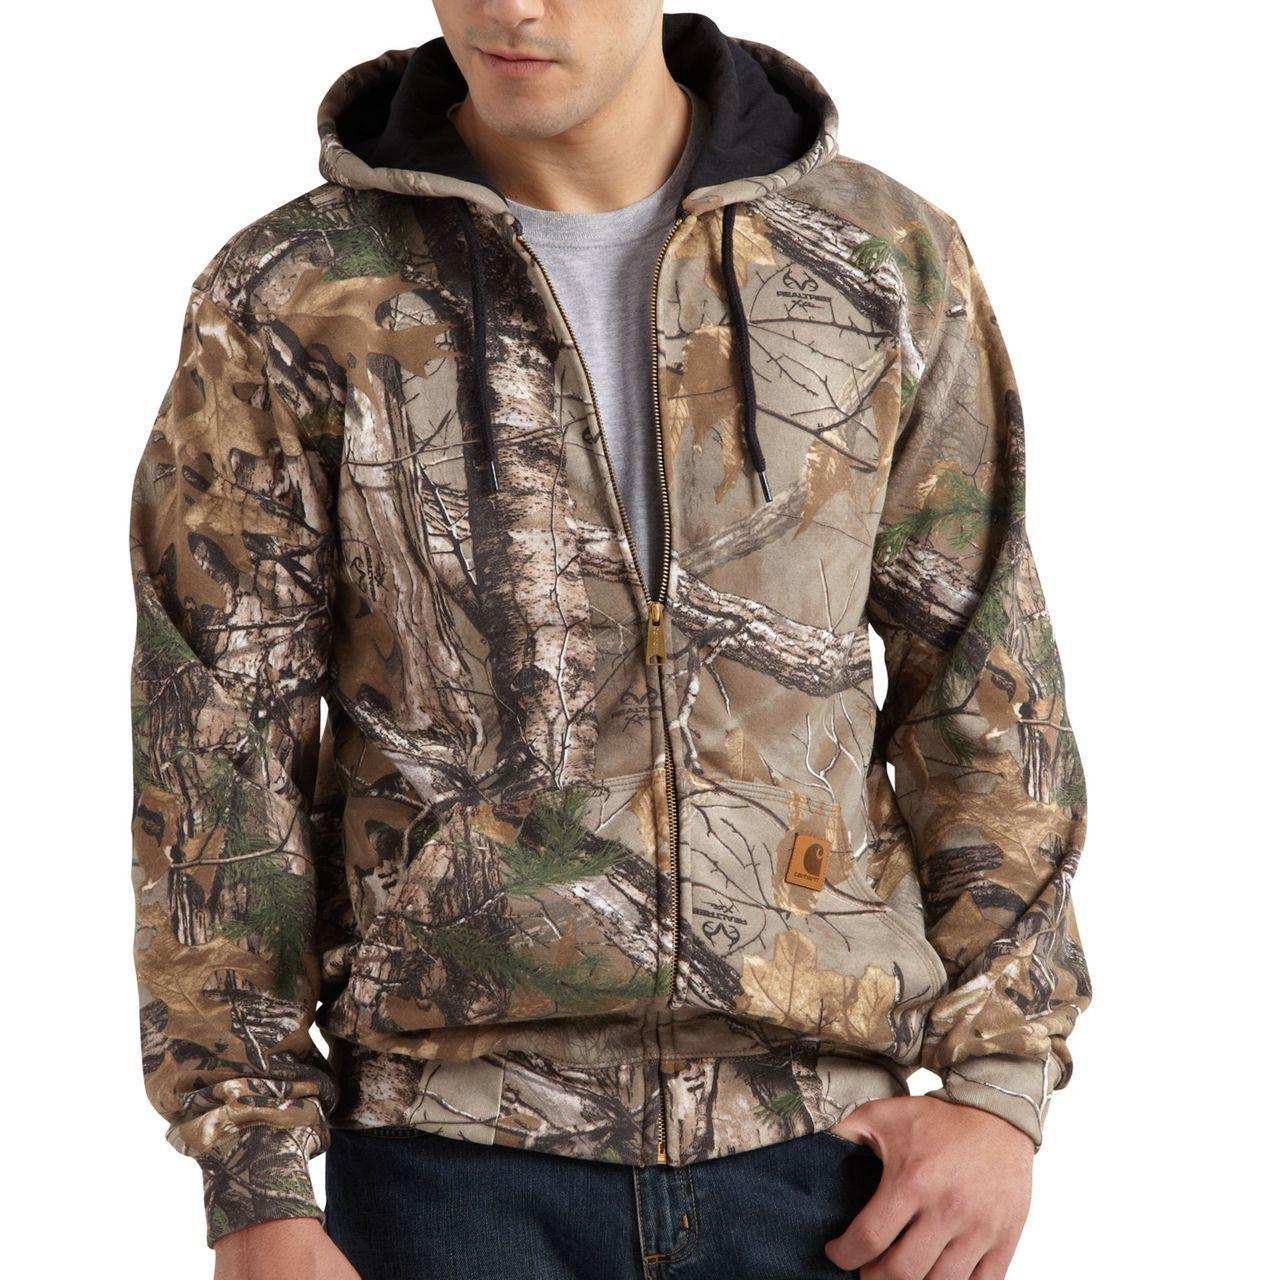 Midweight Camo Hooded Zip Front Sweatshirt The Brown Duck Carhartt Sweatshirts Carhartt Jacket Carhartt Mens [ 1280 x 1280 Pixel ]